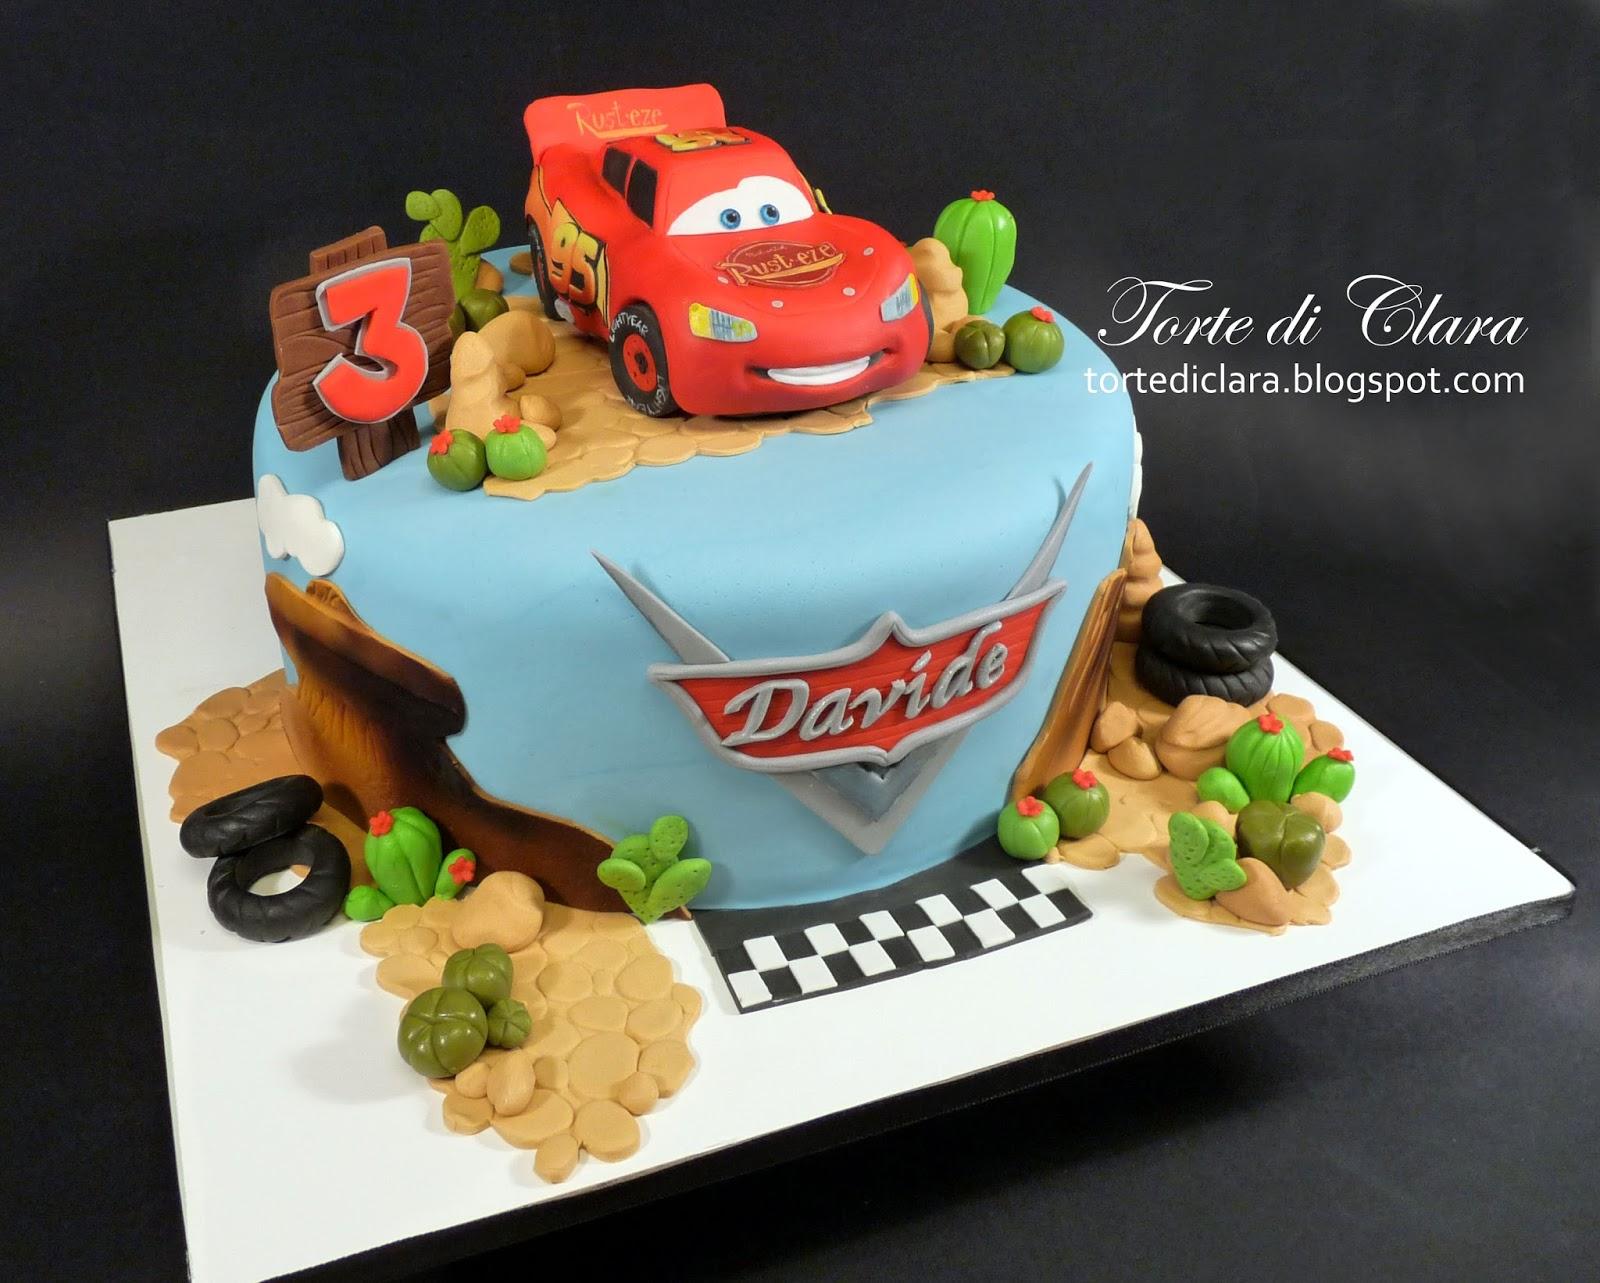 Torte Cake Design Di Cars : Torte di Clara: Cars cake (3)